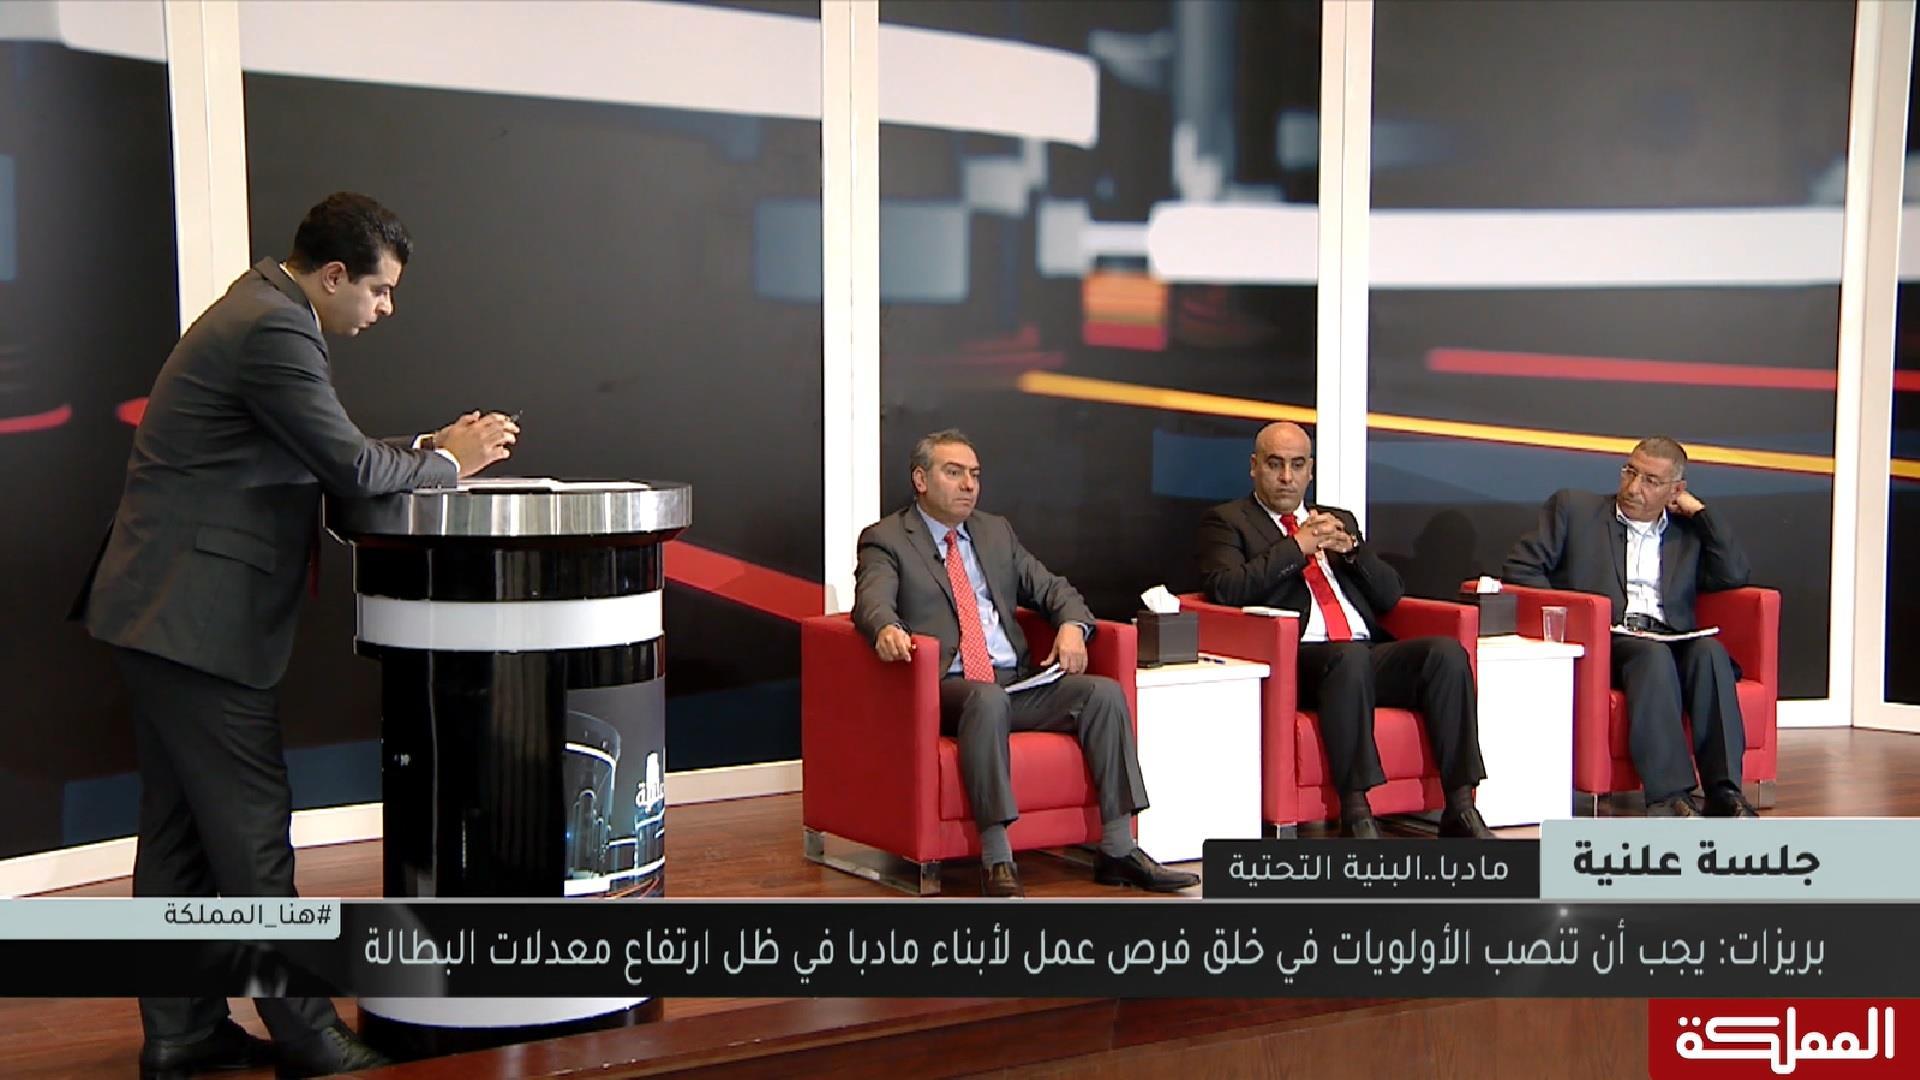 جلسة علنية | محافظة مأدبا.. ميزة تنافسية وتحديات في البنية التحتية